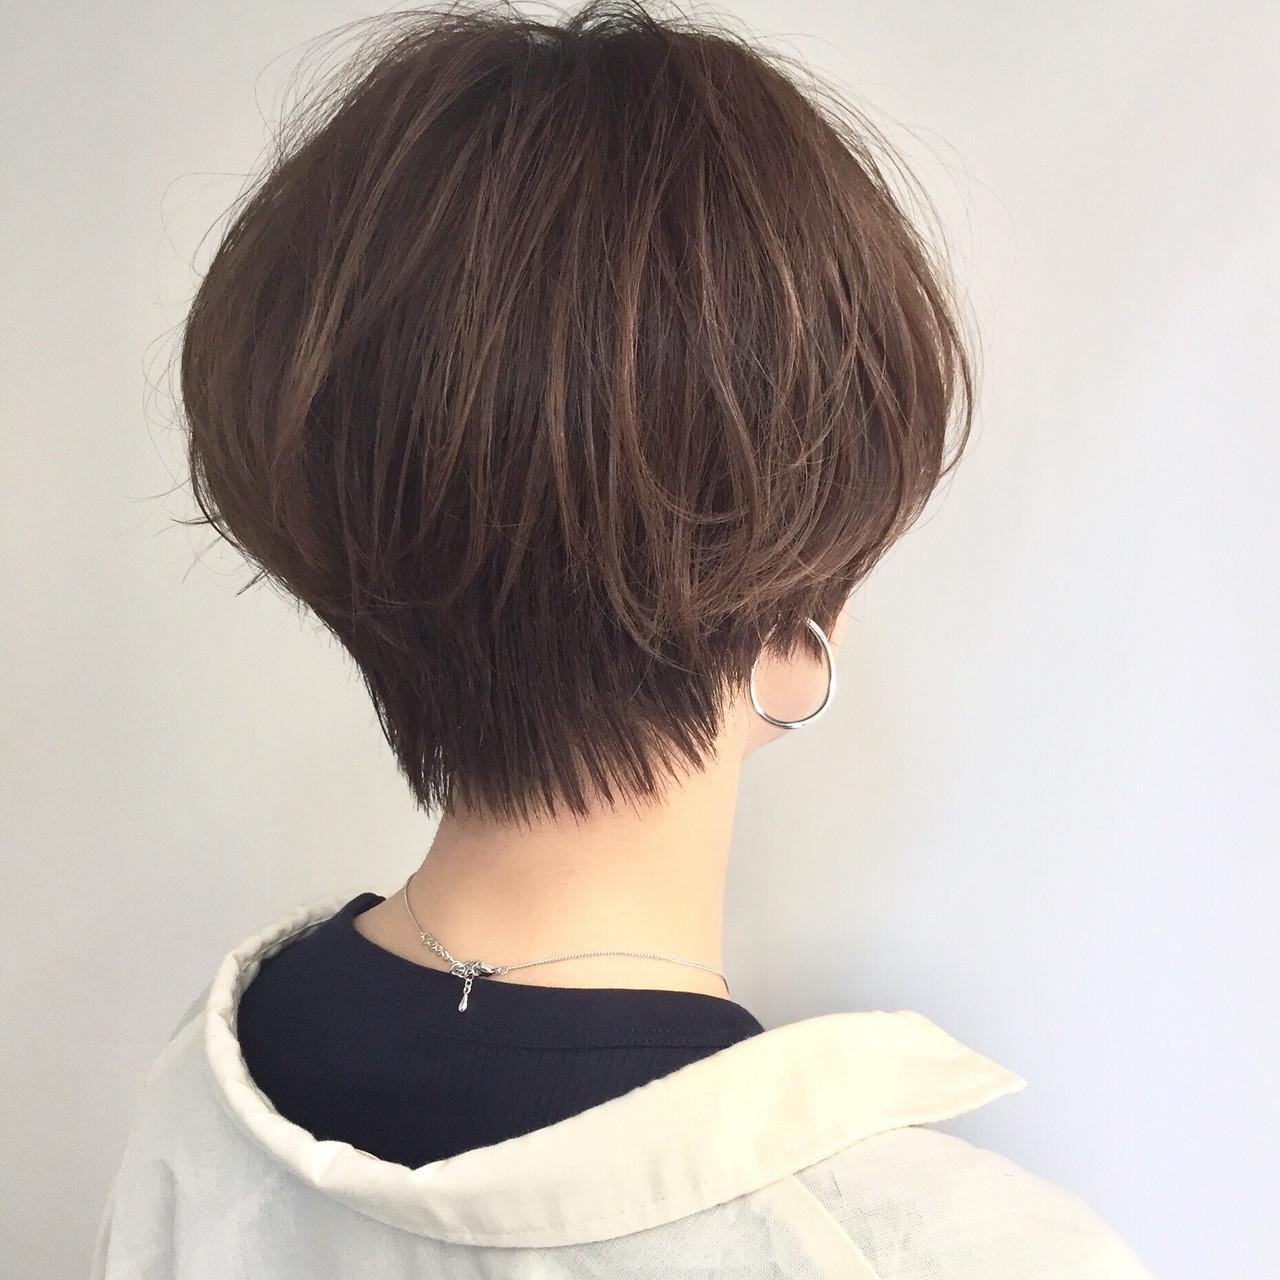 ナチュラル 前下がりショート ショートバング ショートヘア ヘアスタイルや髪型の写真・画像 | 【ショート&ショートボブはお任せください】淺川聖 / parc sapporo